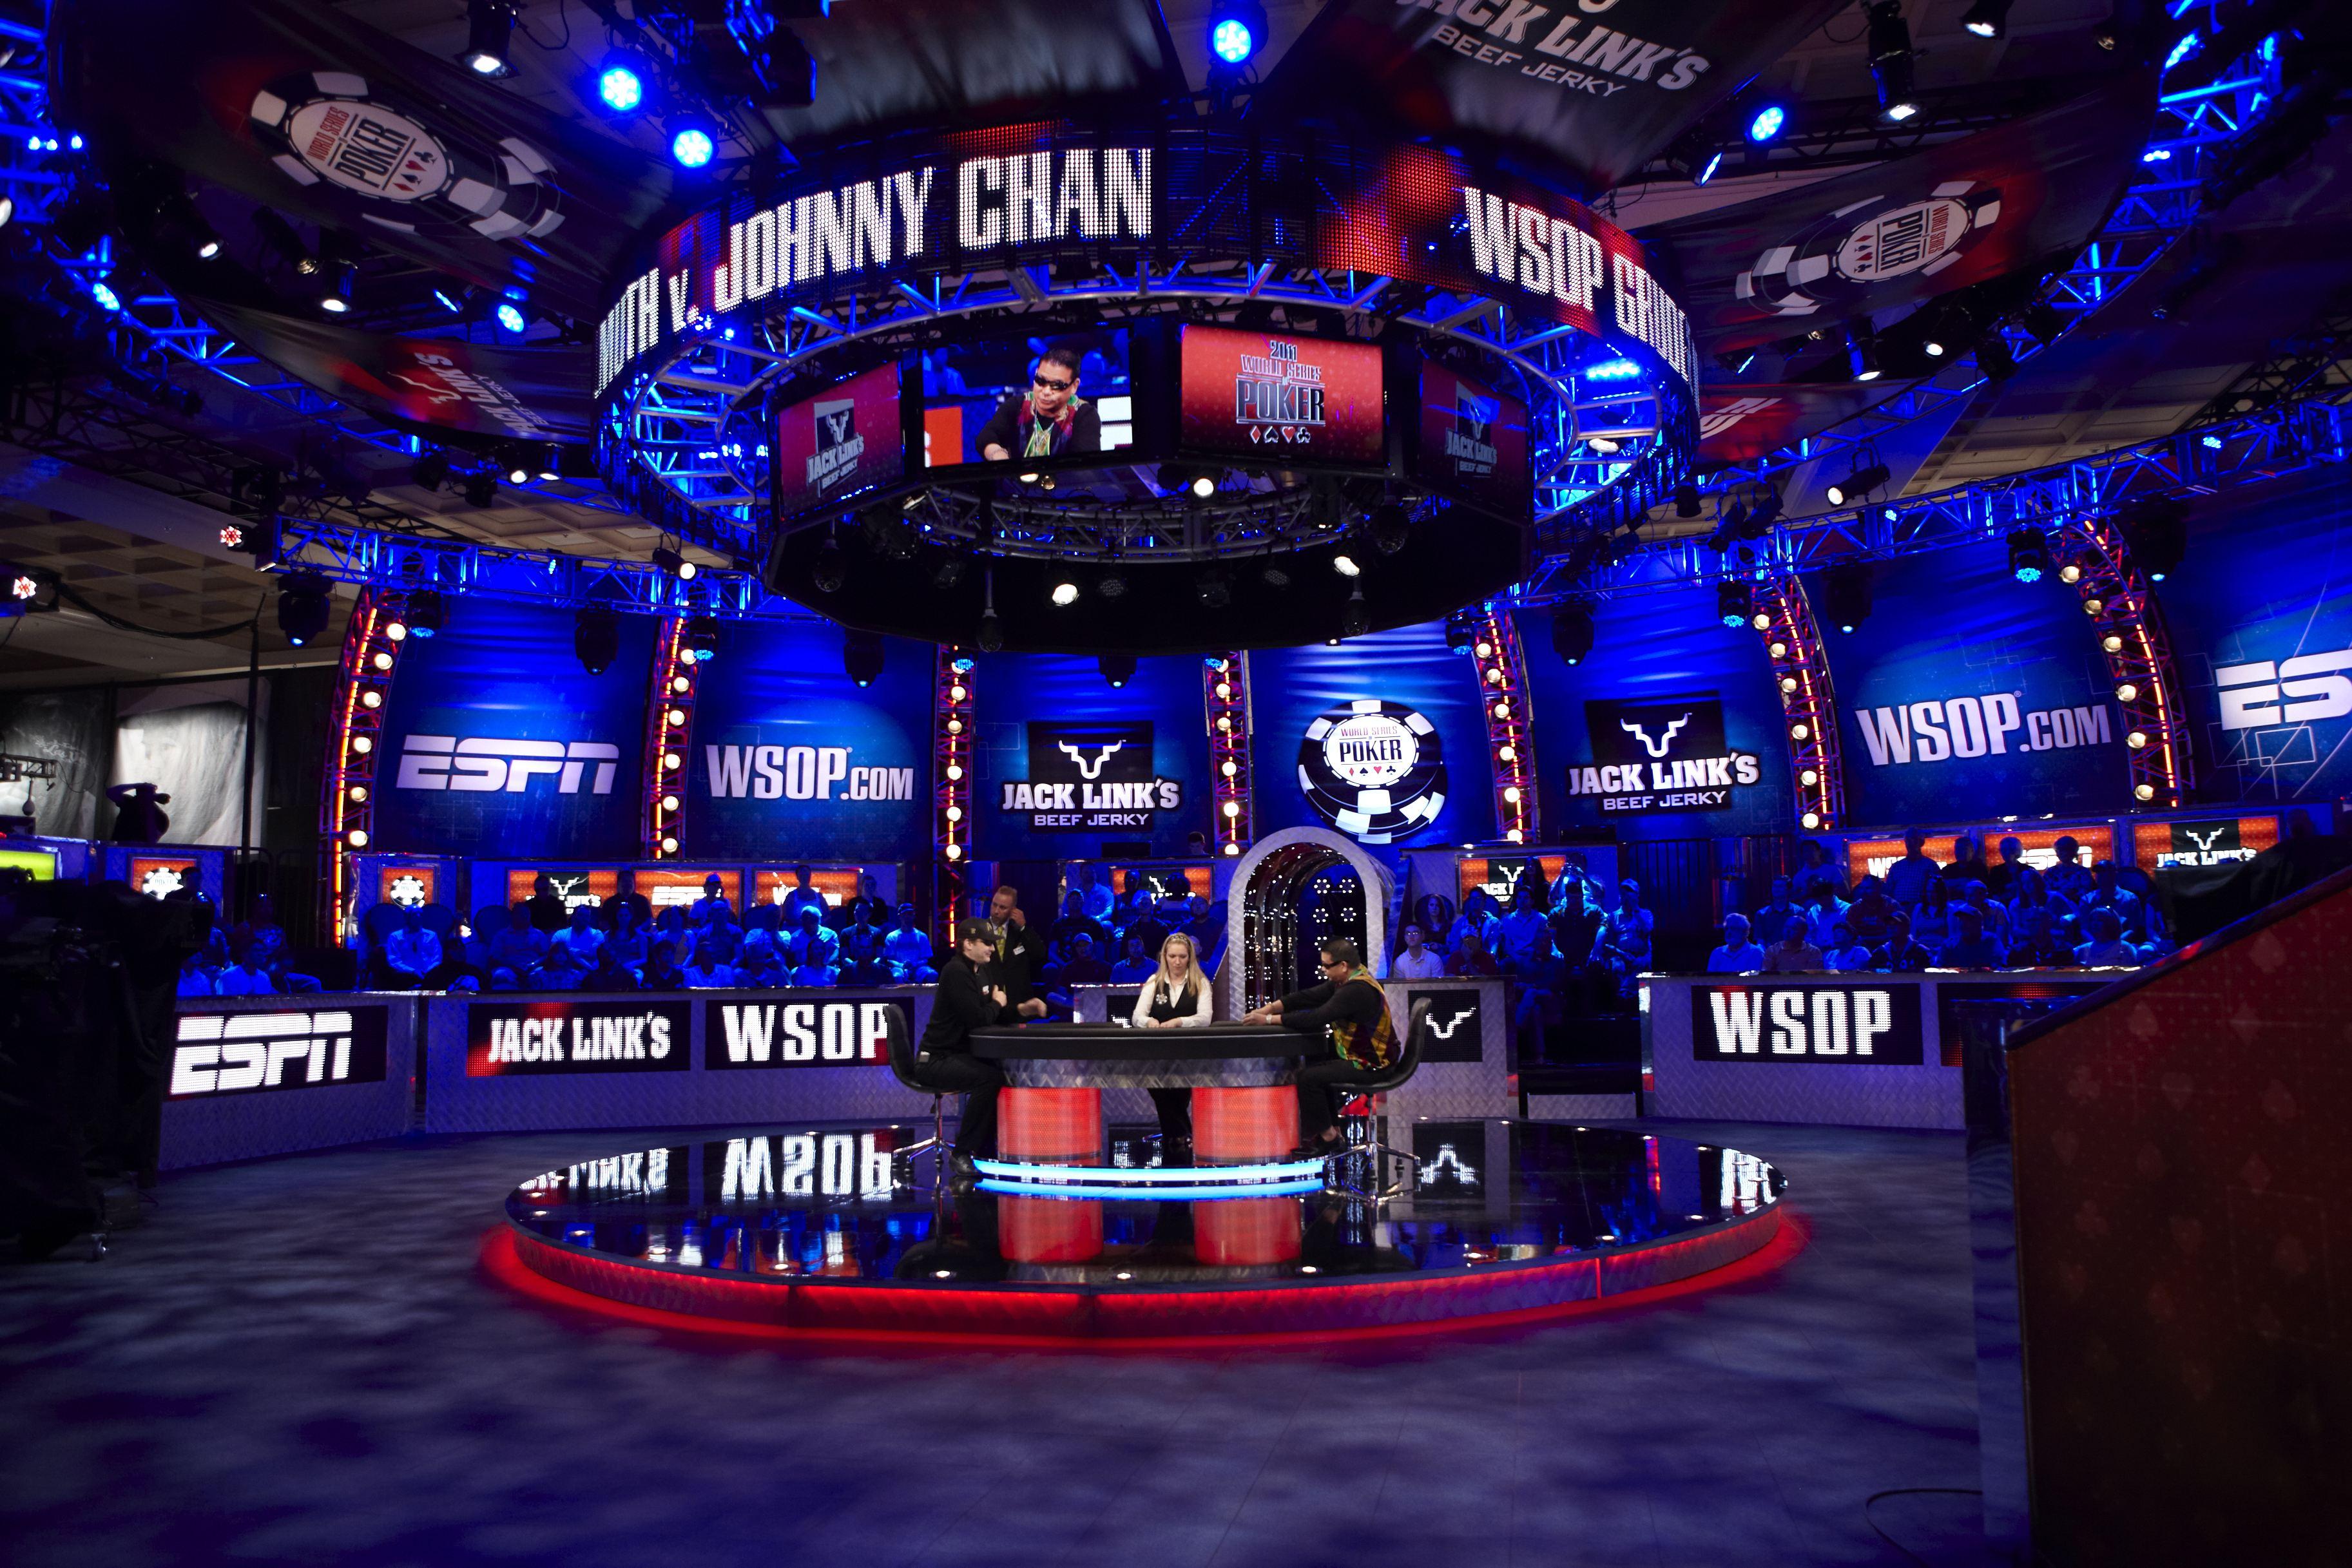 Les WSOP 2021 programmés cet automne !